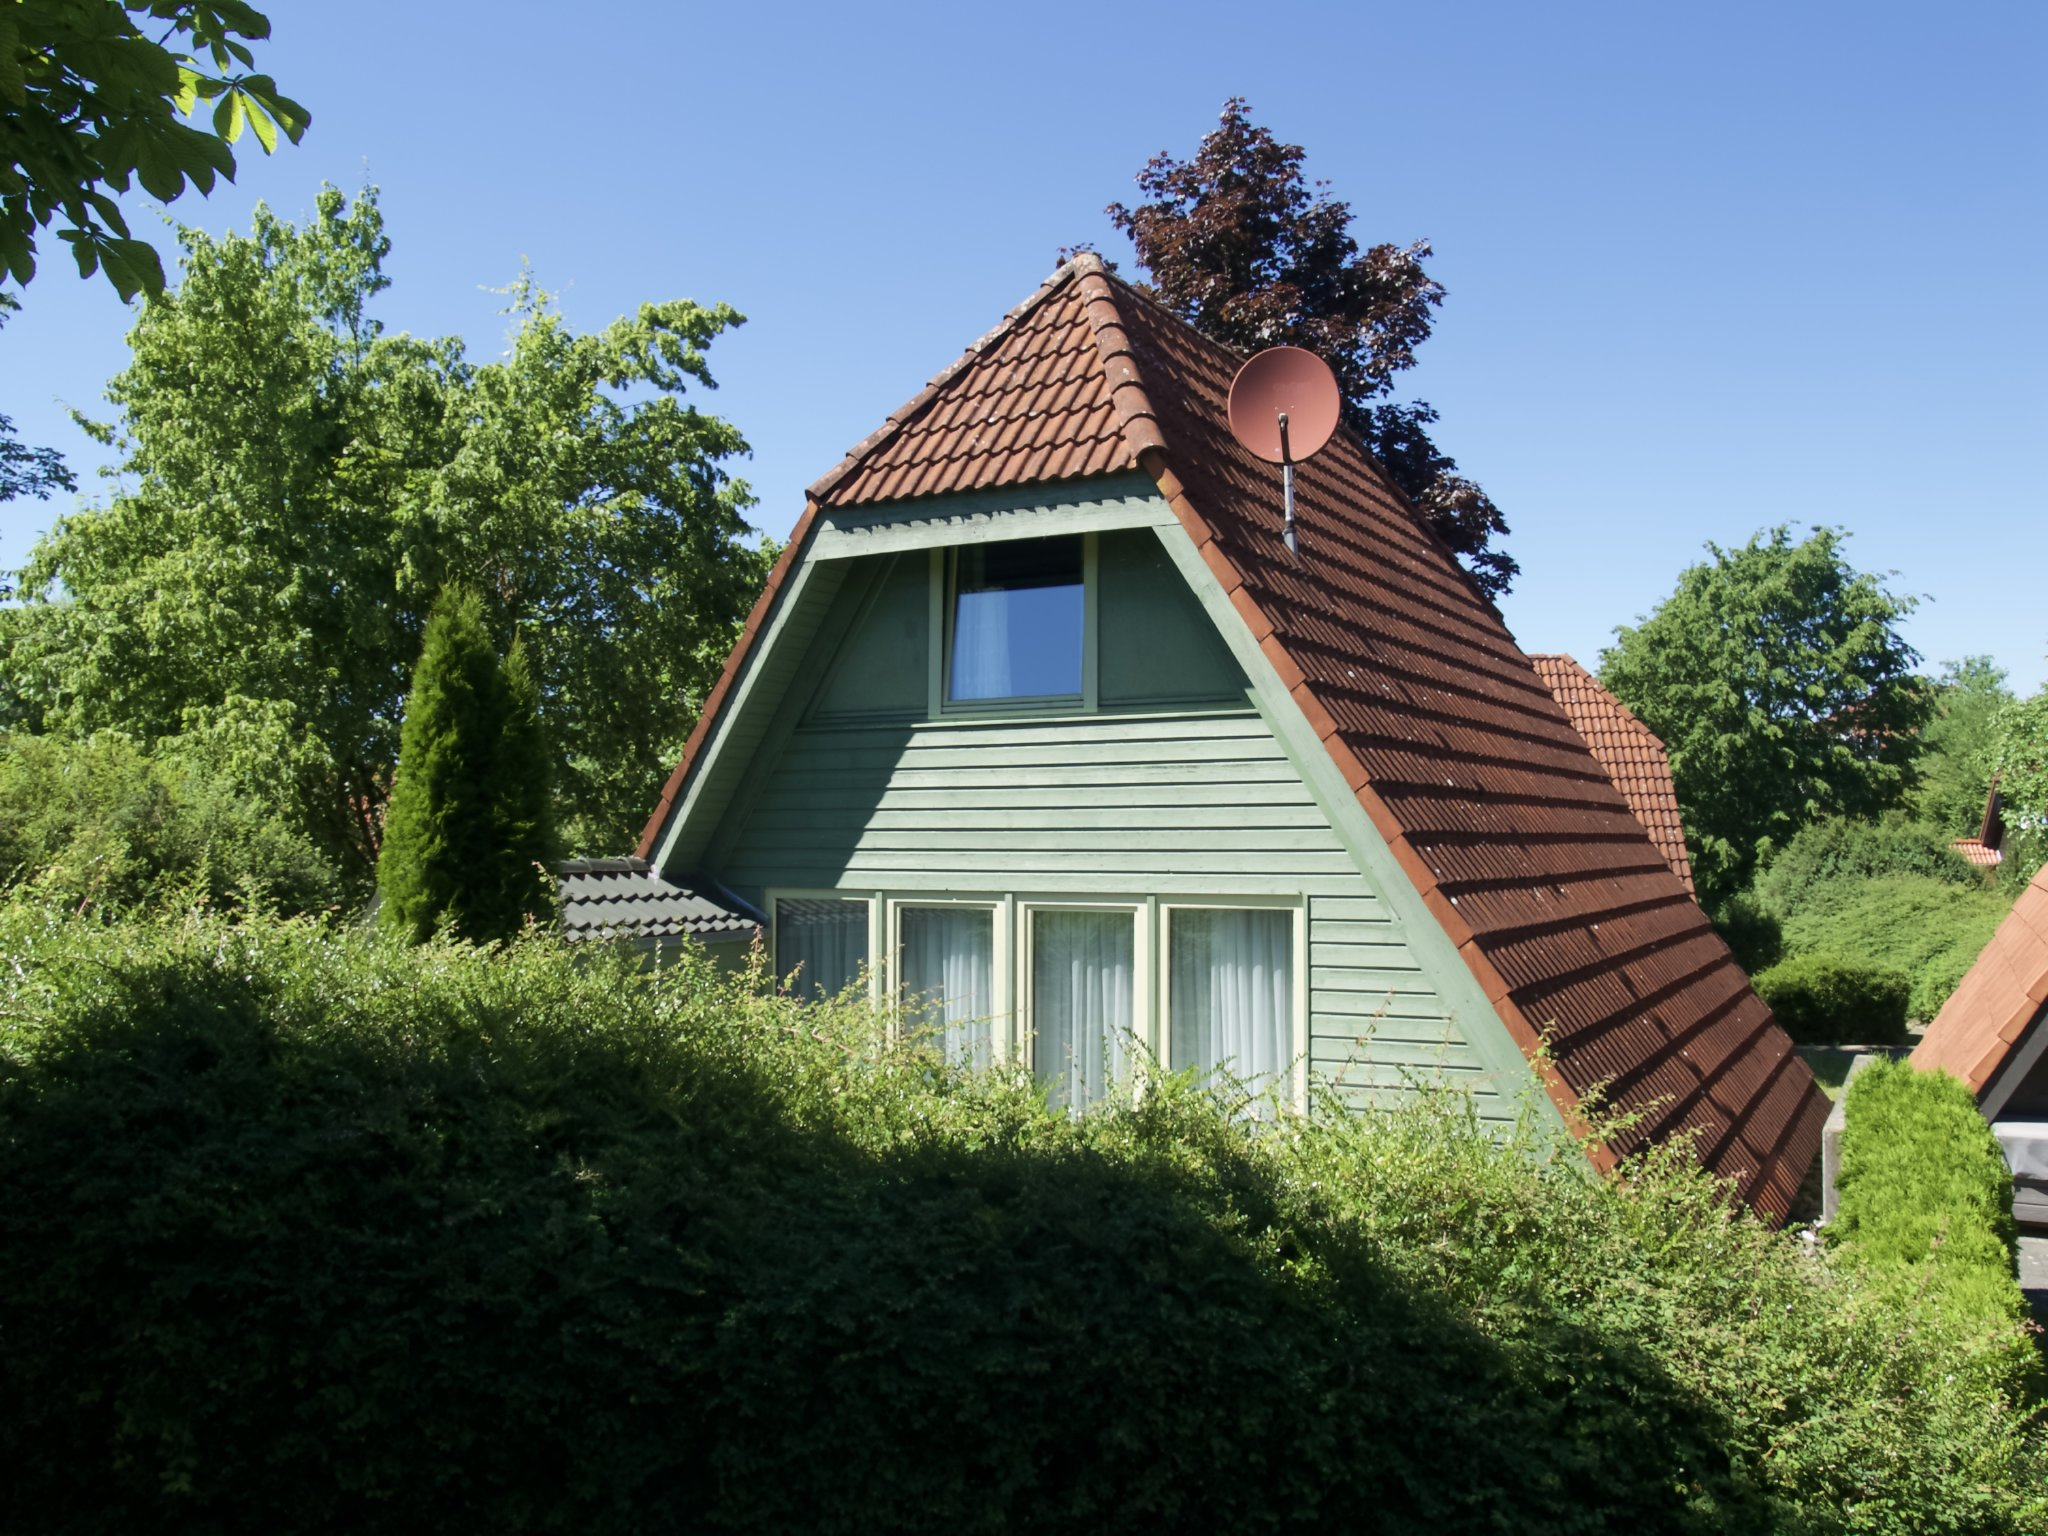 ferienwohnpark immenstaad nurdachhaus in immenstaad am. Black Bedroom Furniture Sets. Home Design Ideas